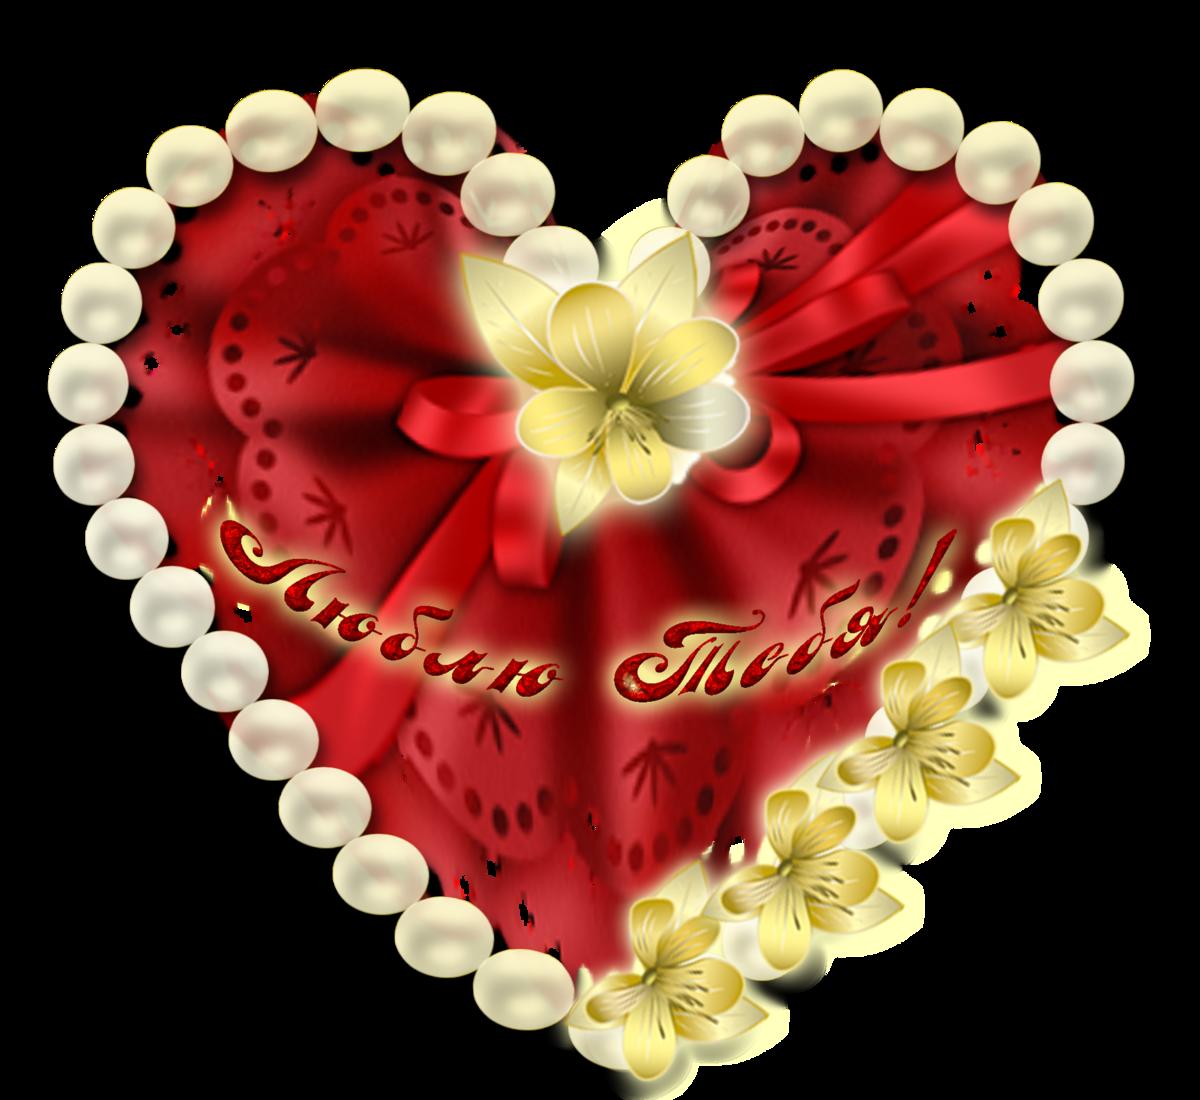 Самая красивая картинка валентинка